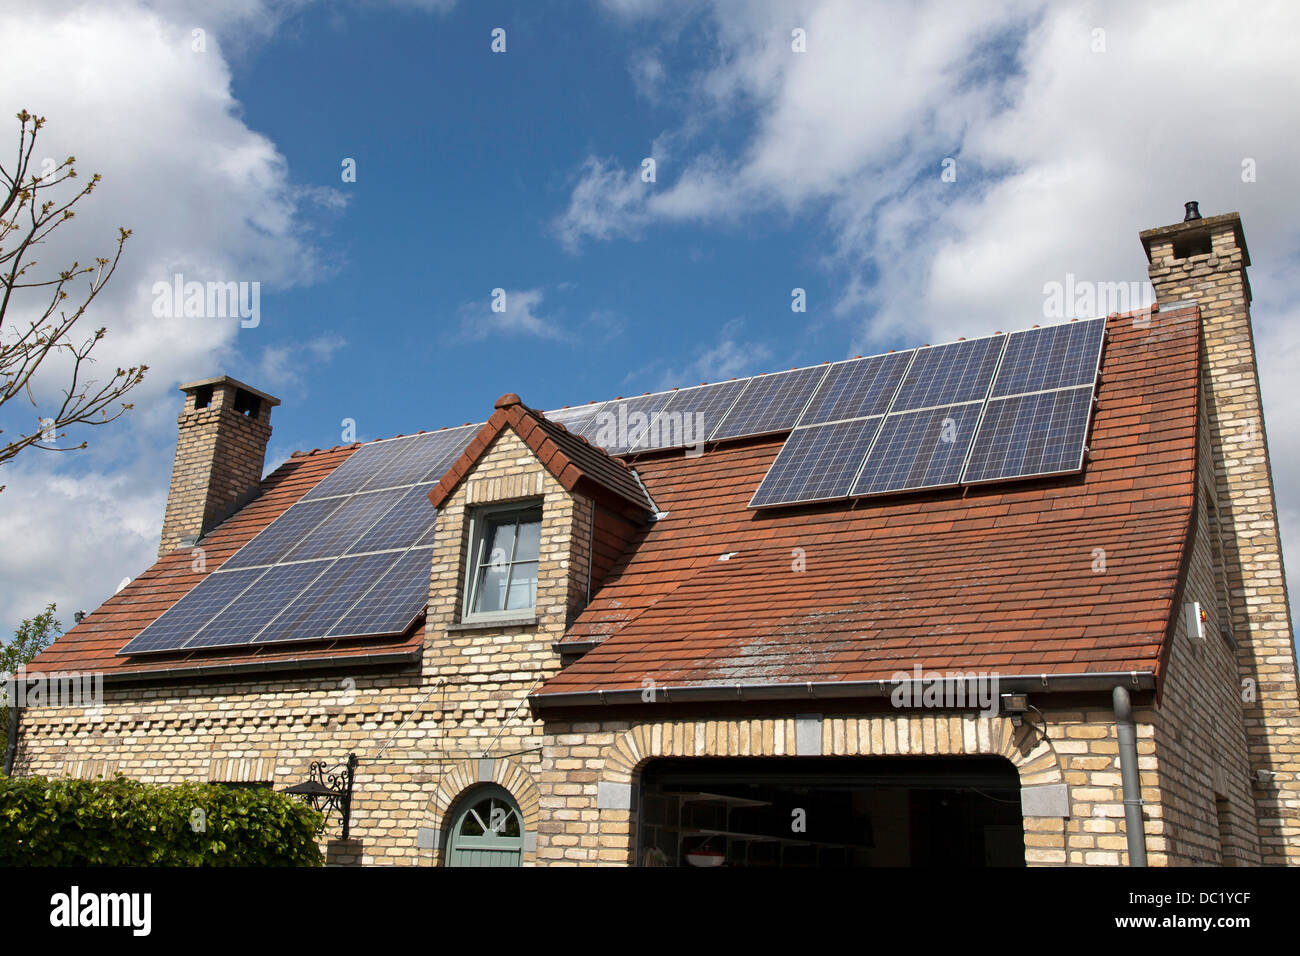 Casa unifamiliar con paneles solares en el techo Imagen De Stock